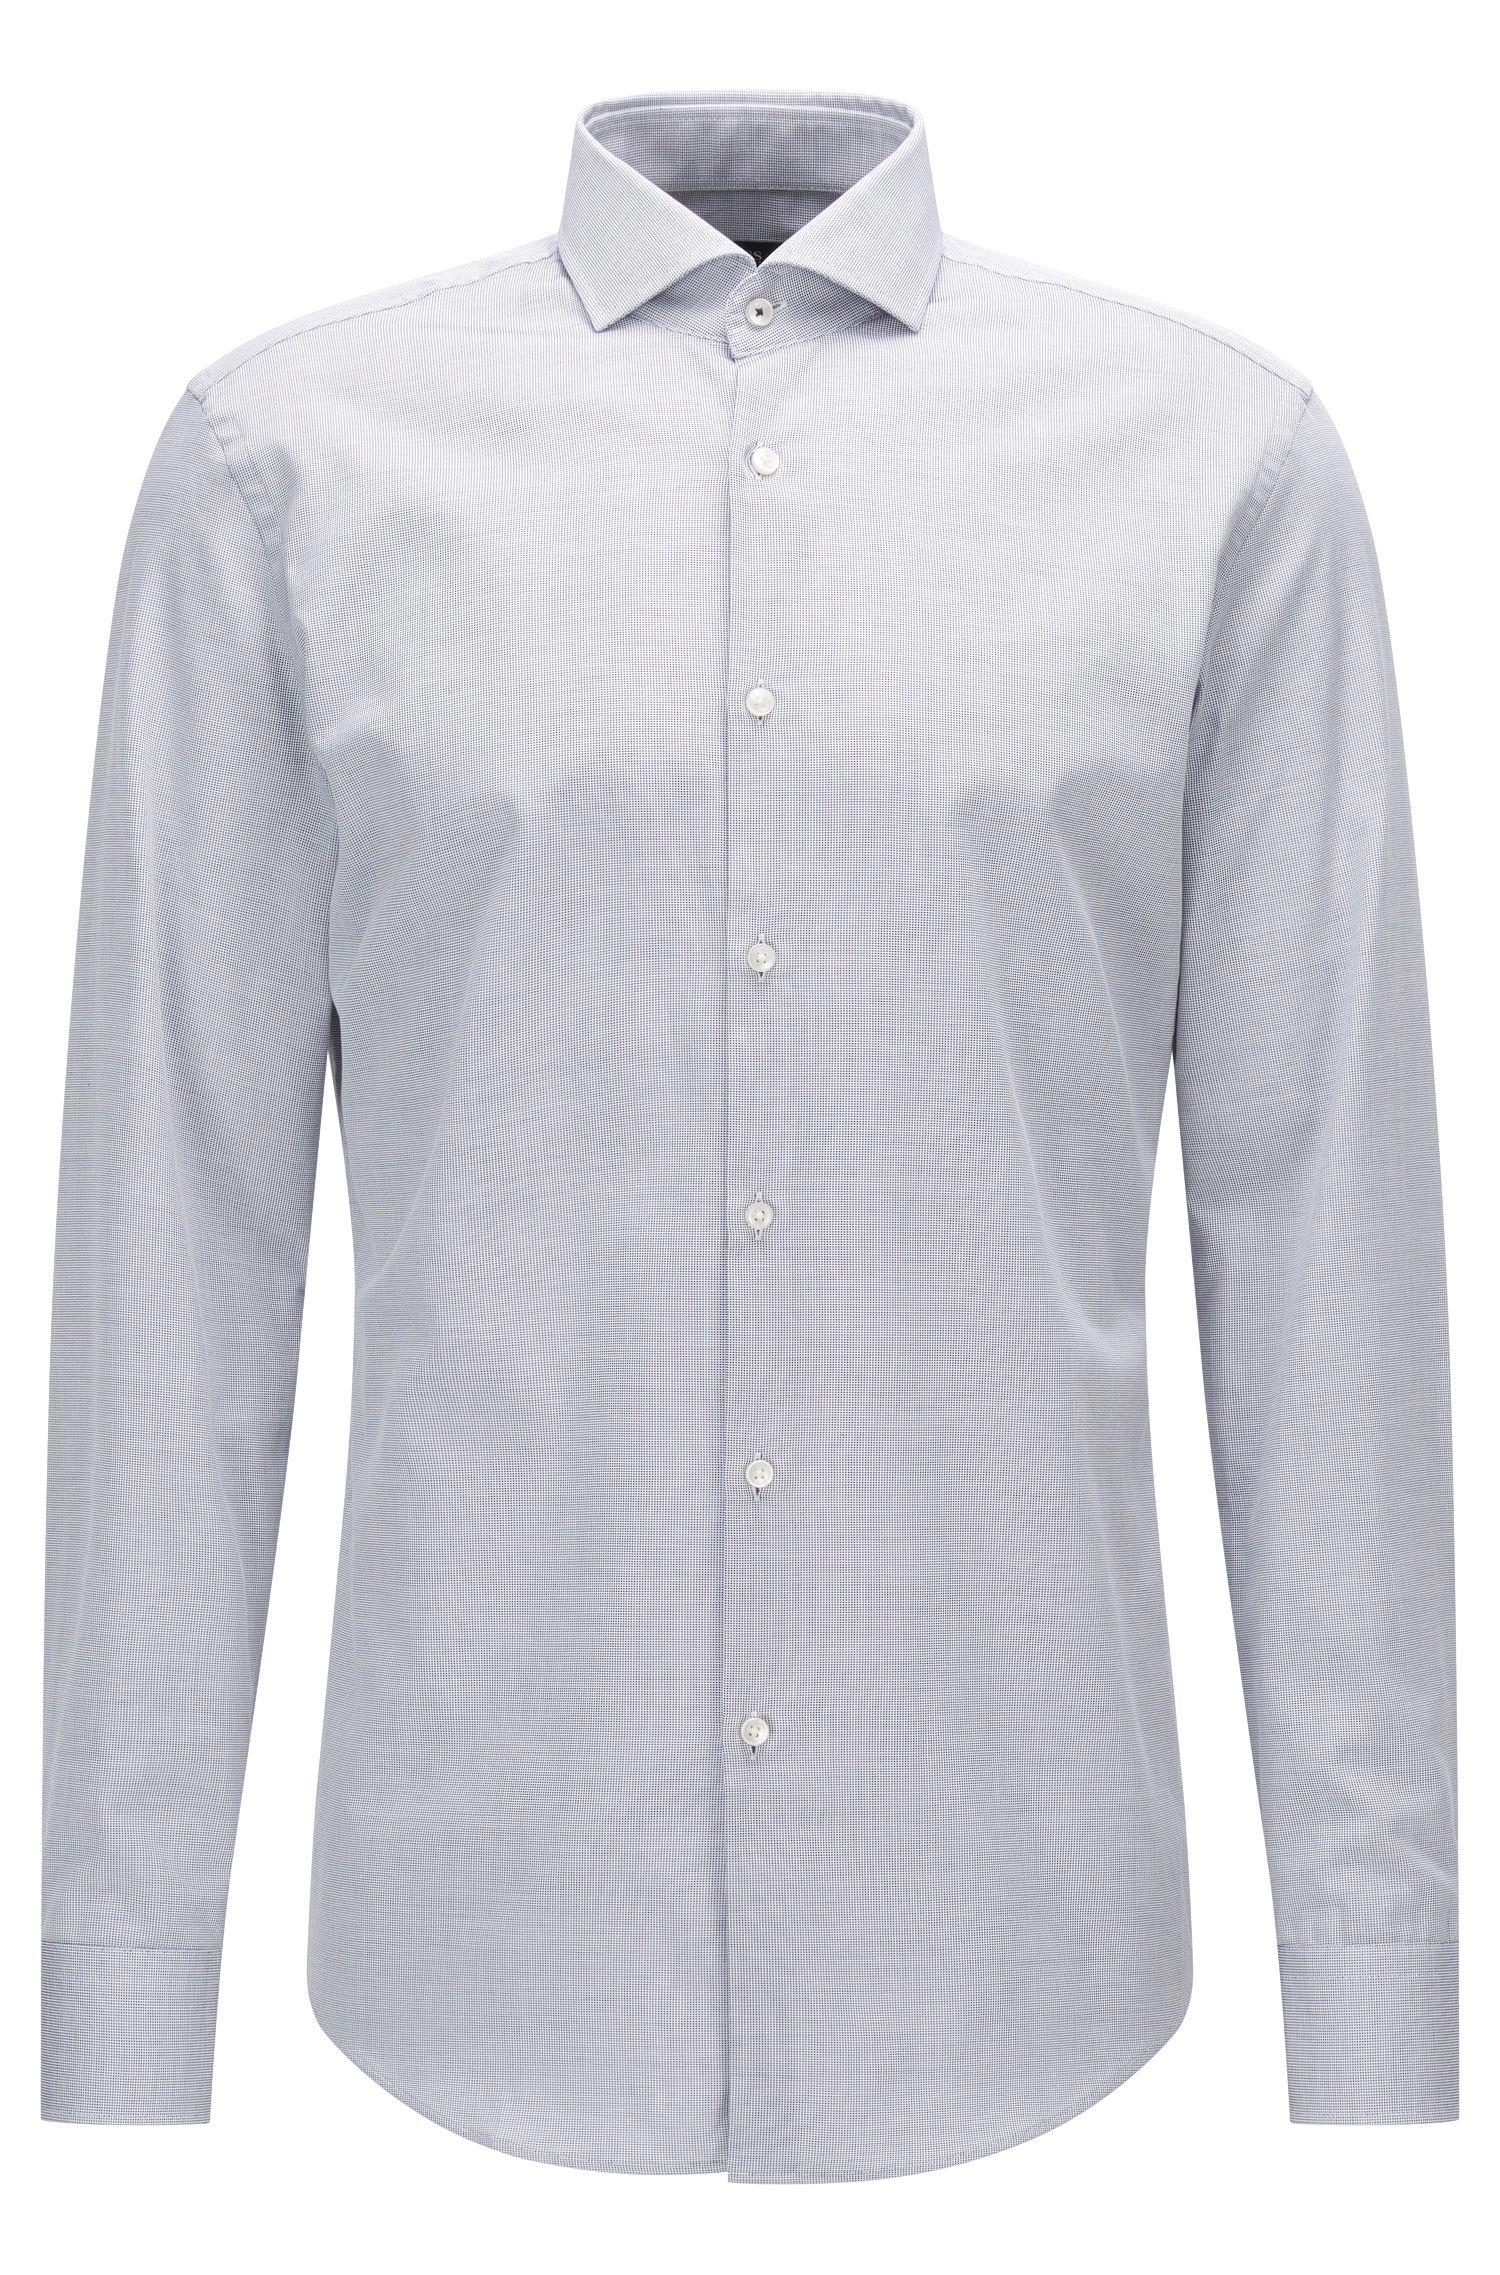 Camicia slim fit in cotone con colletto alla francese